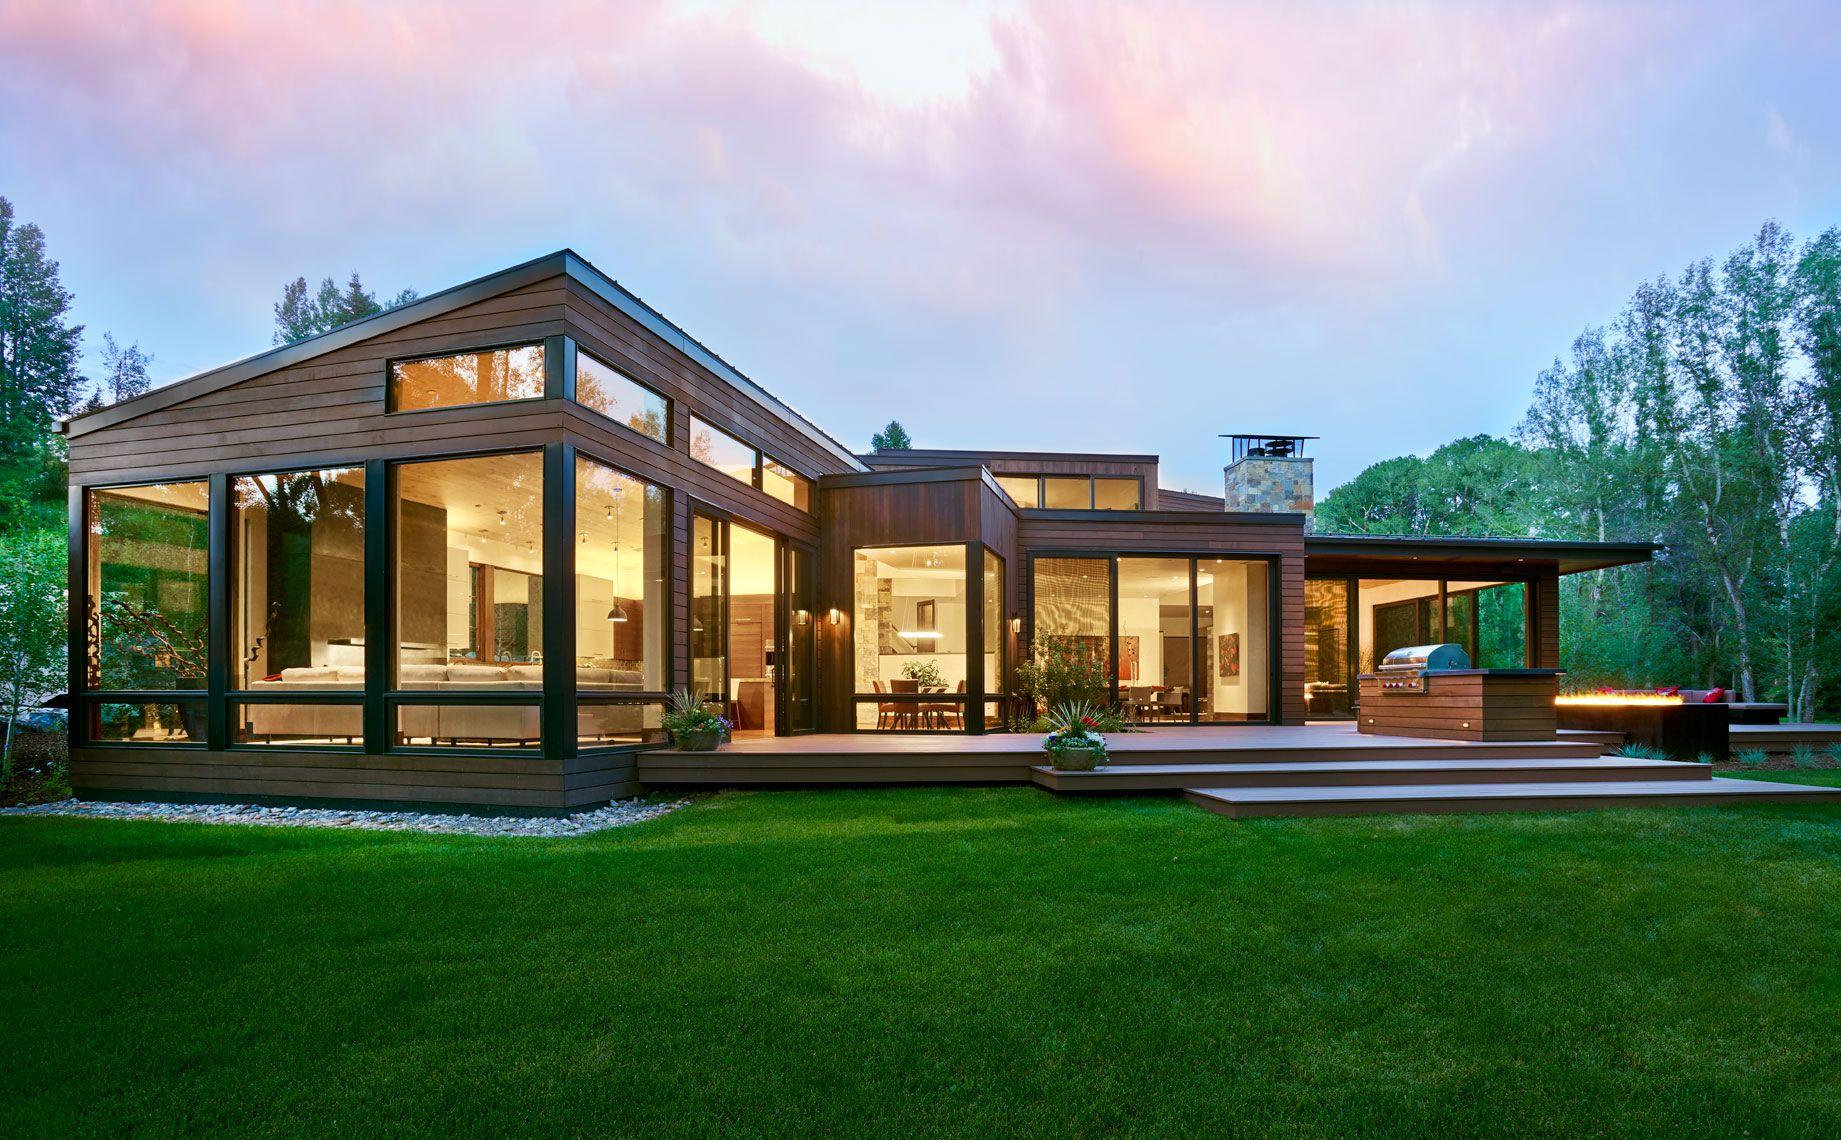 30 Stunning Modern Houses - Photos of Modern Exteriors